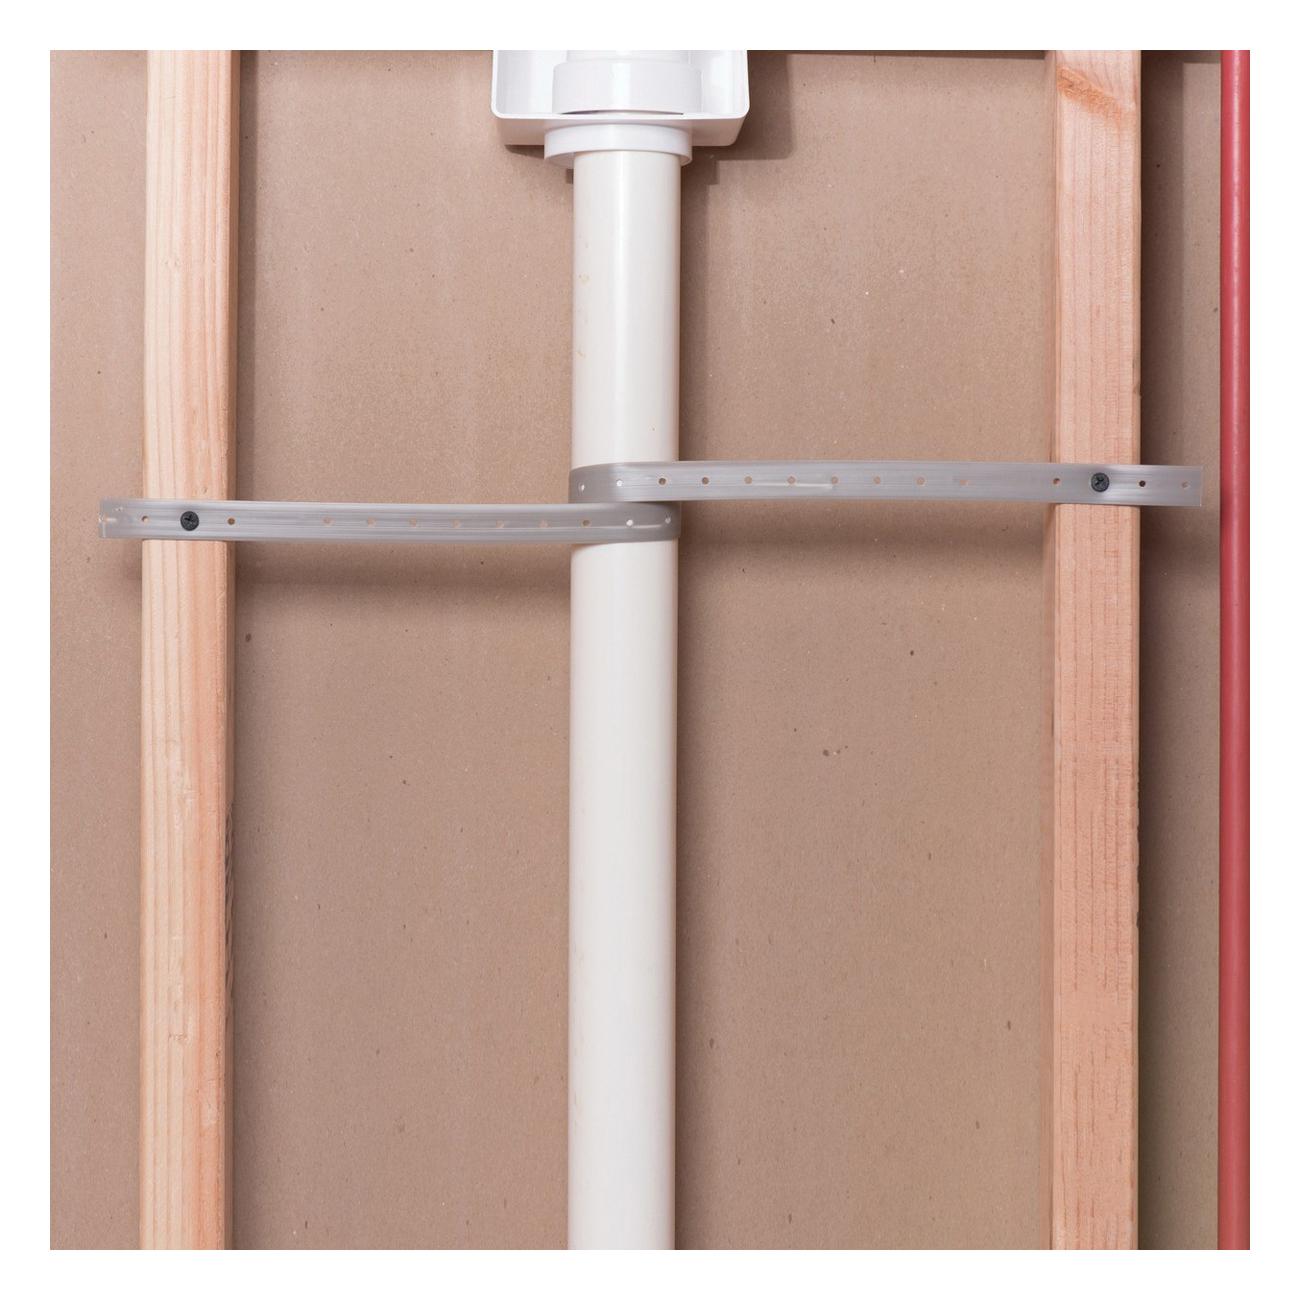 Oatey® 33927 Hanger Strap, 1/8 in Dia Hole, 100 ft L x 3/4 in W, Domestic